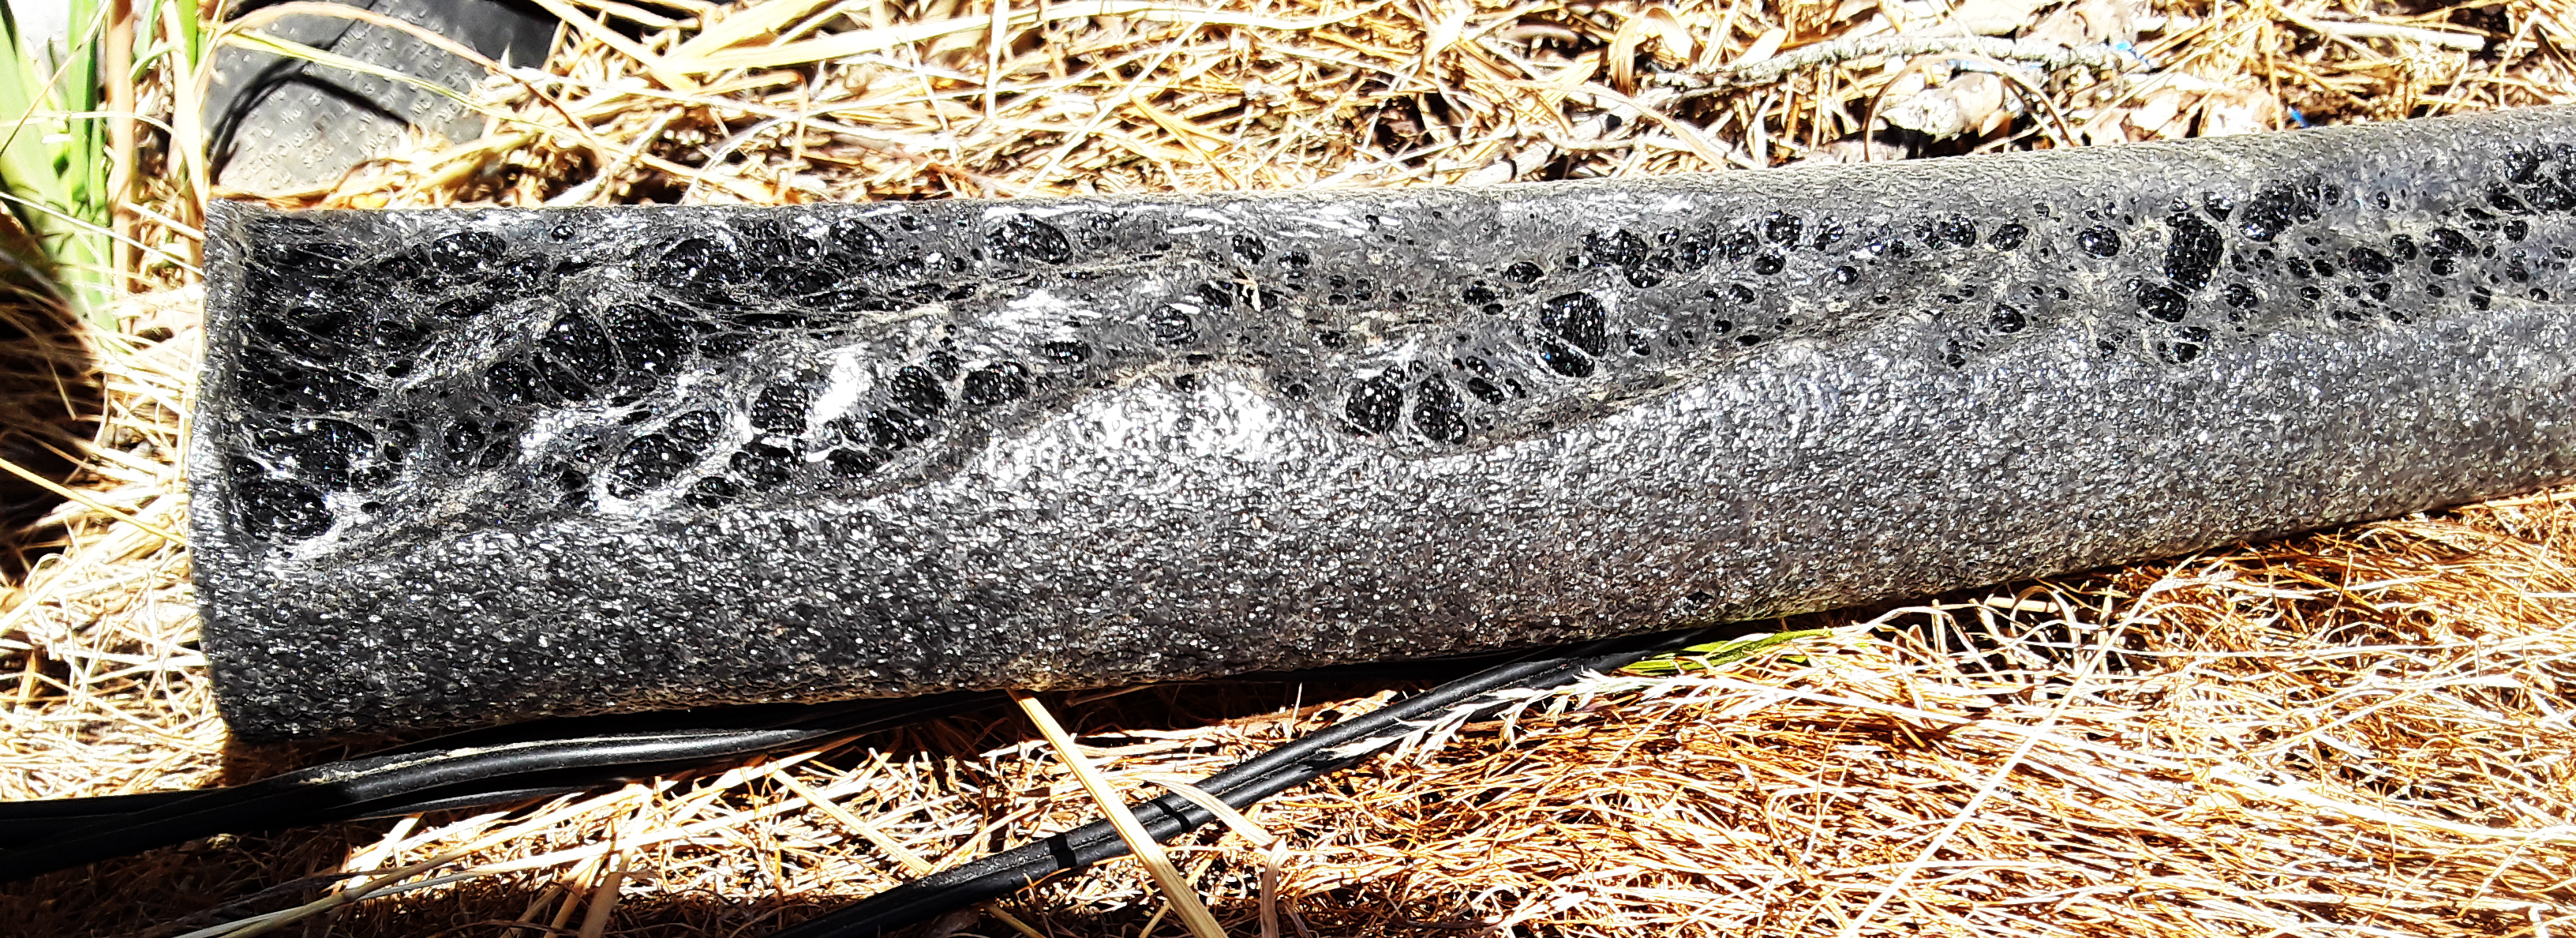 melting foam tube